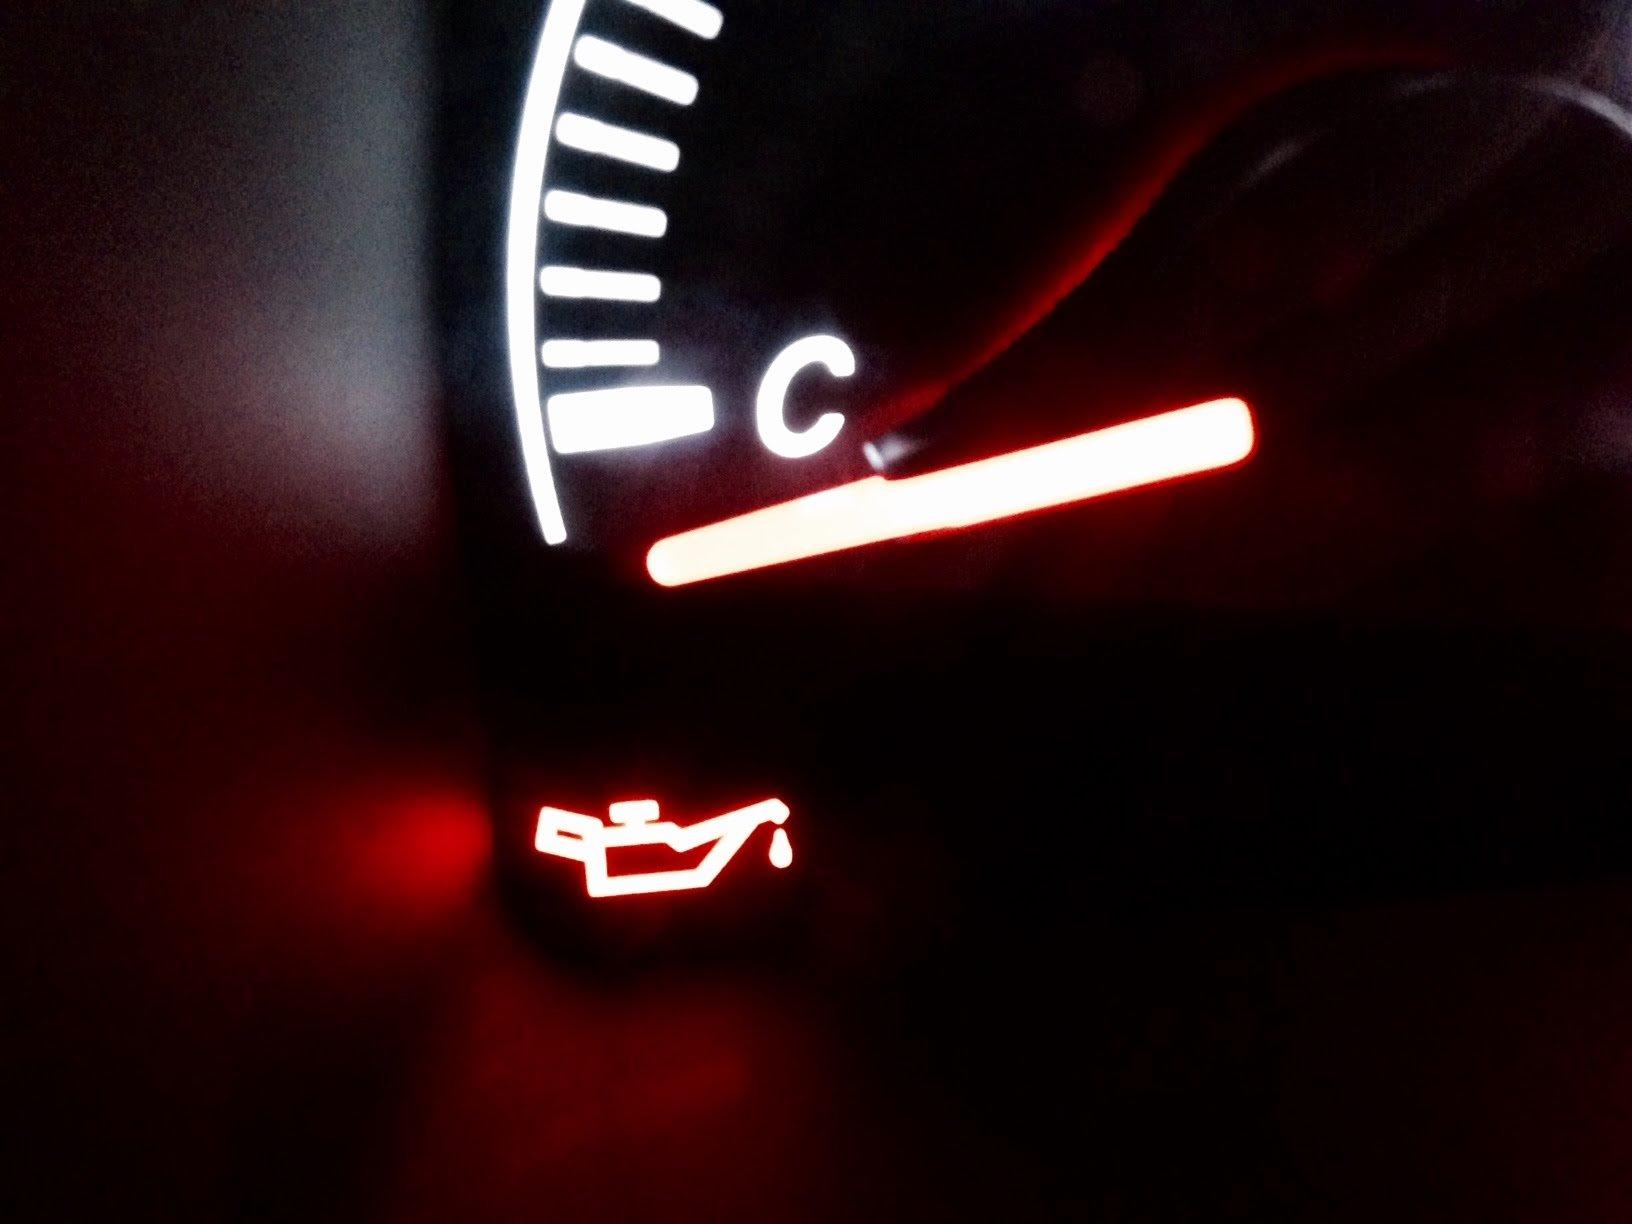 d70a862c6 Luz do óleo acesa ou piscando, o que pode ser? - Carro de Garagem